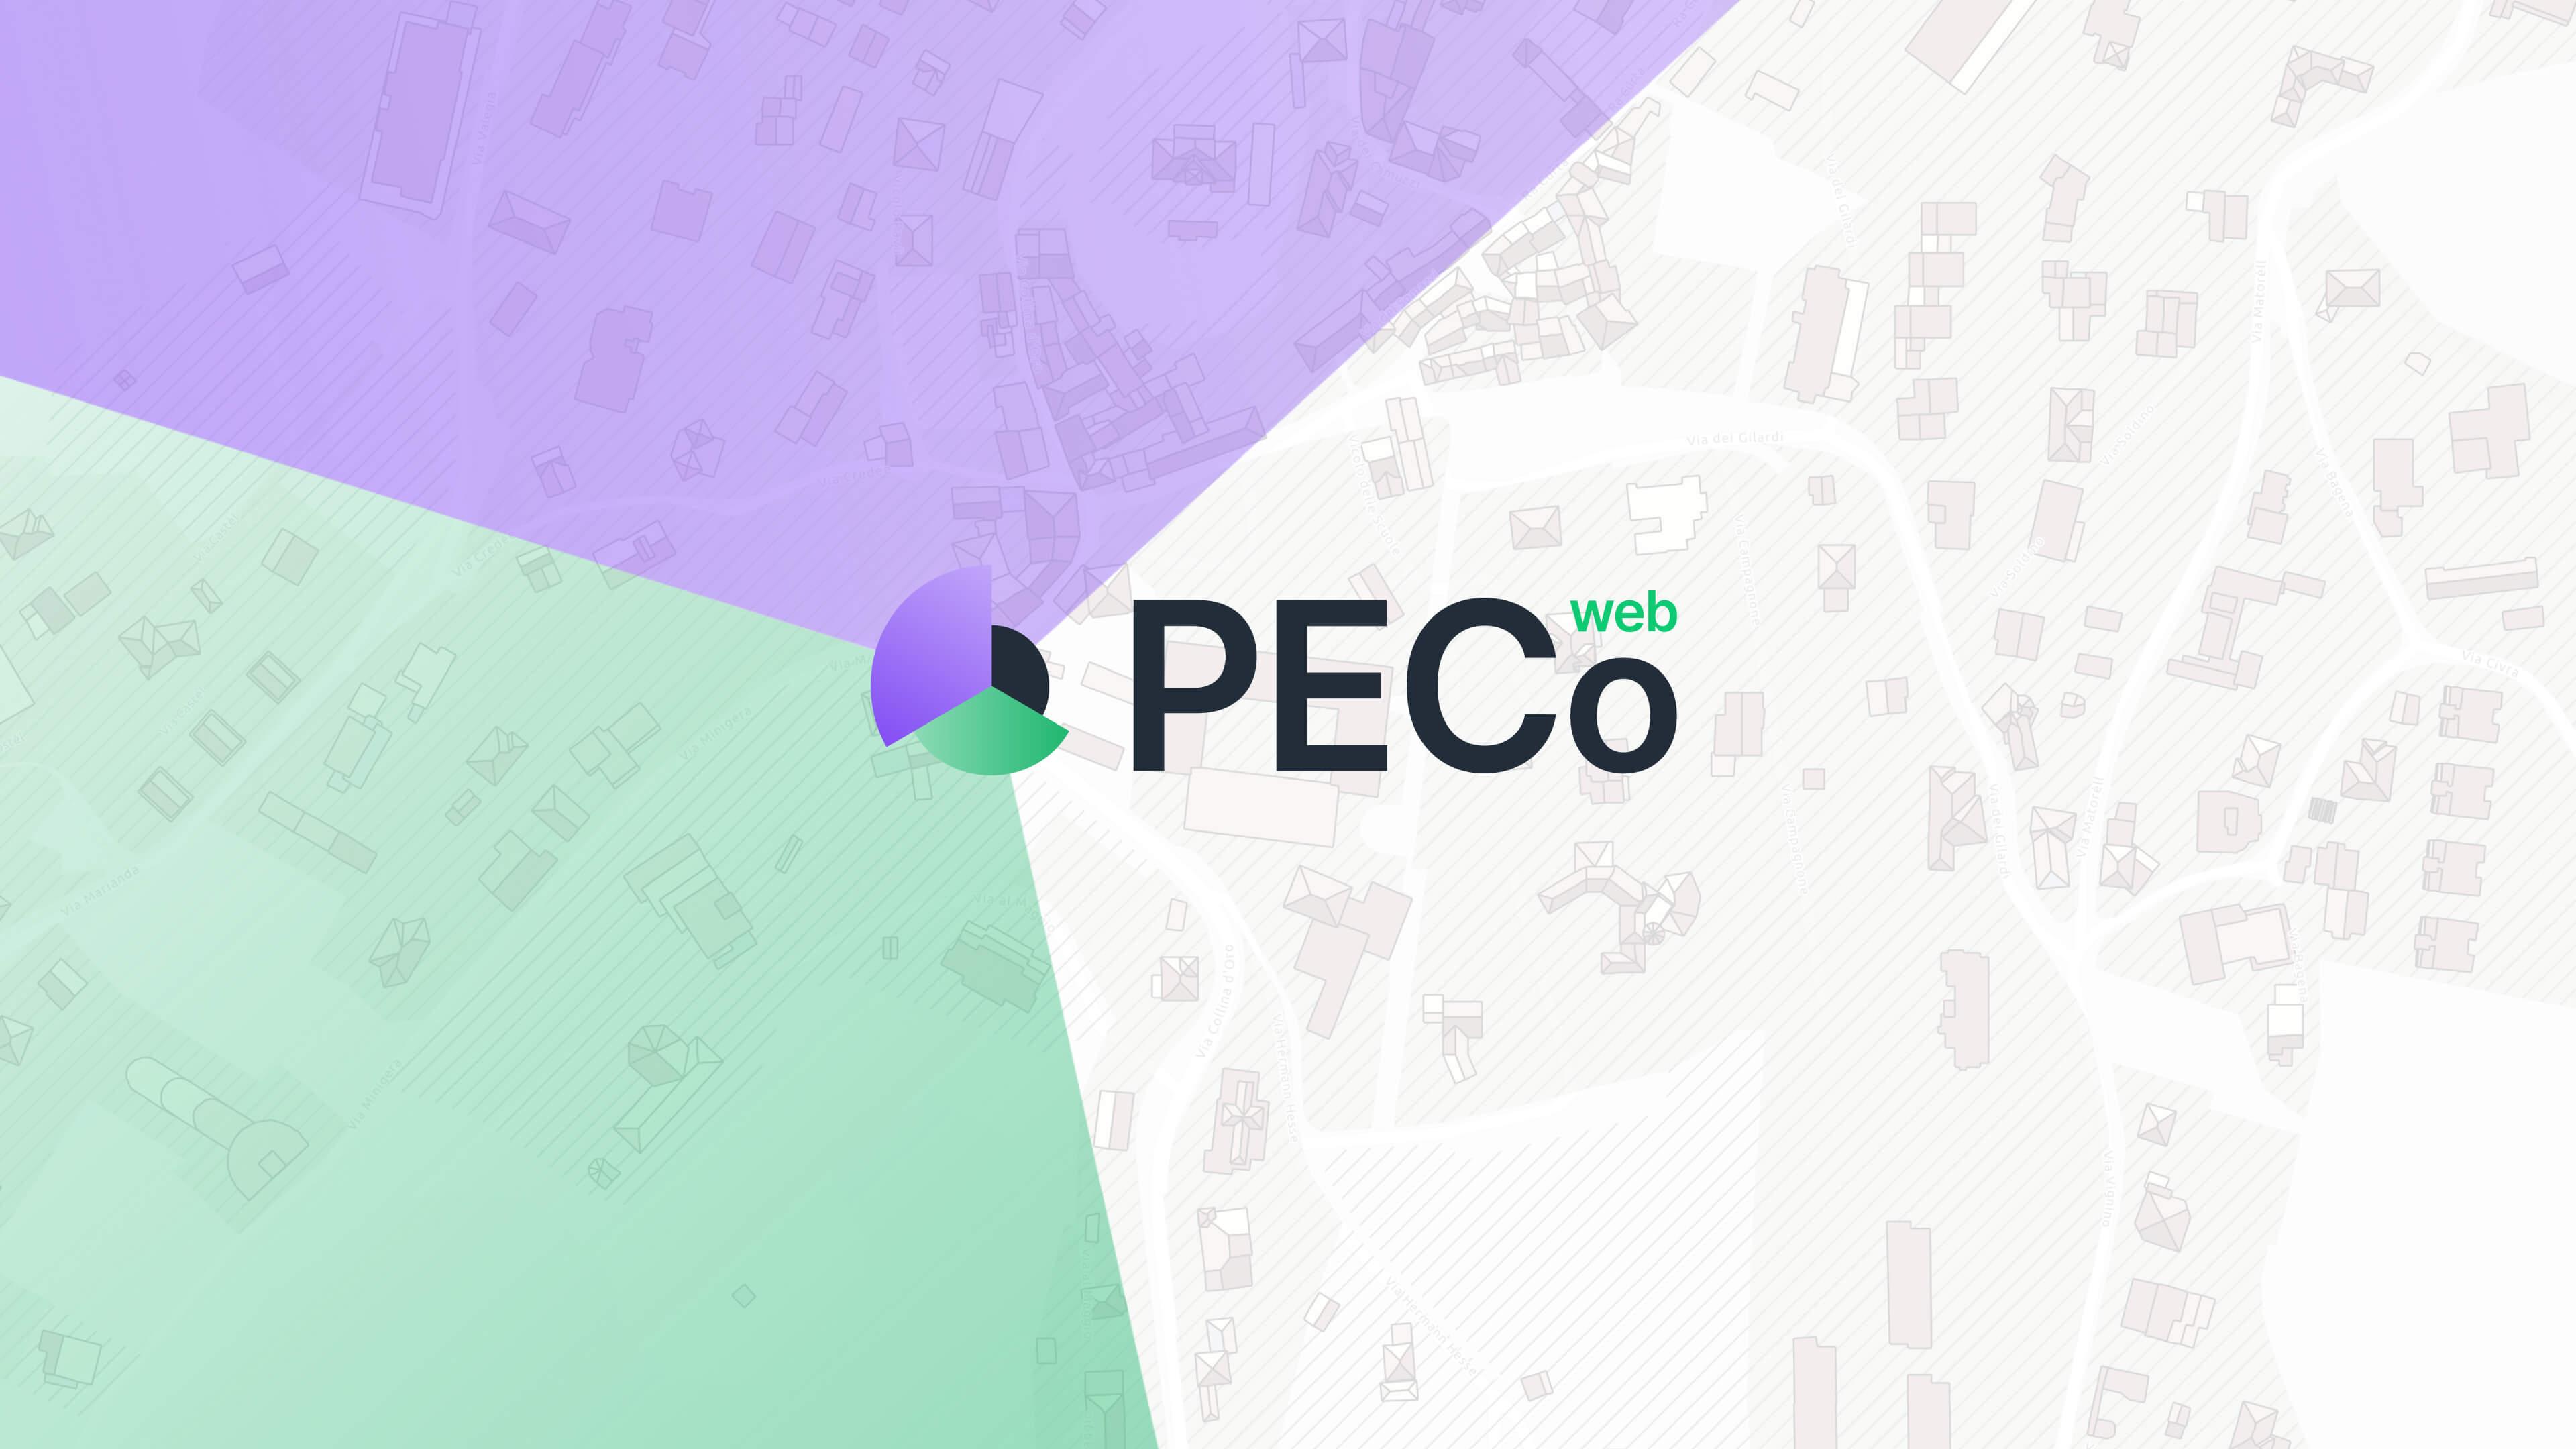 peco-1